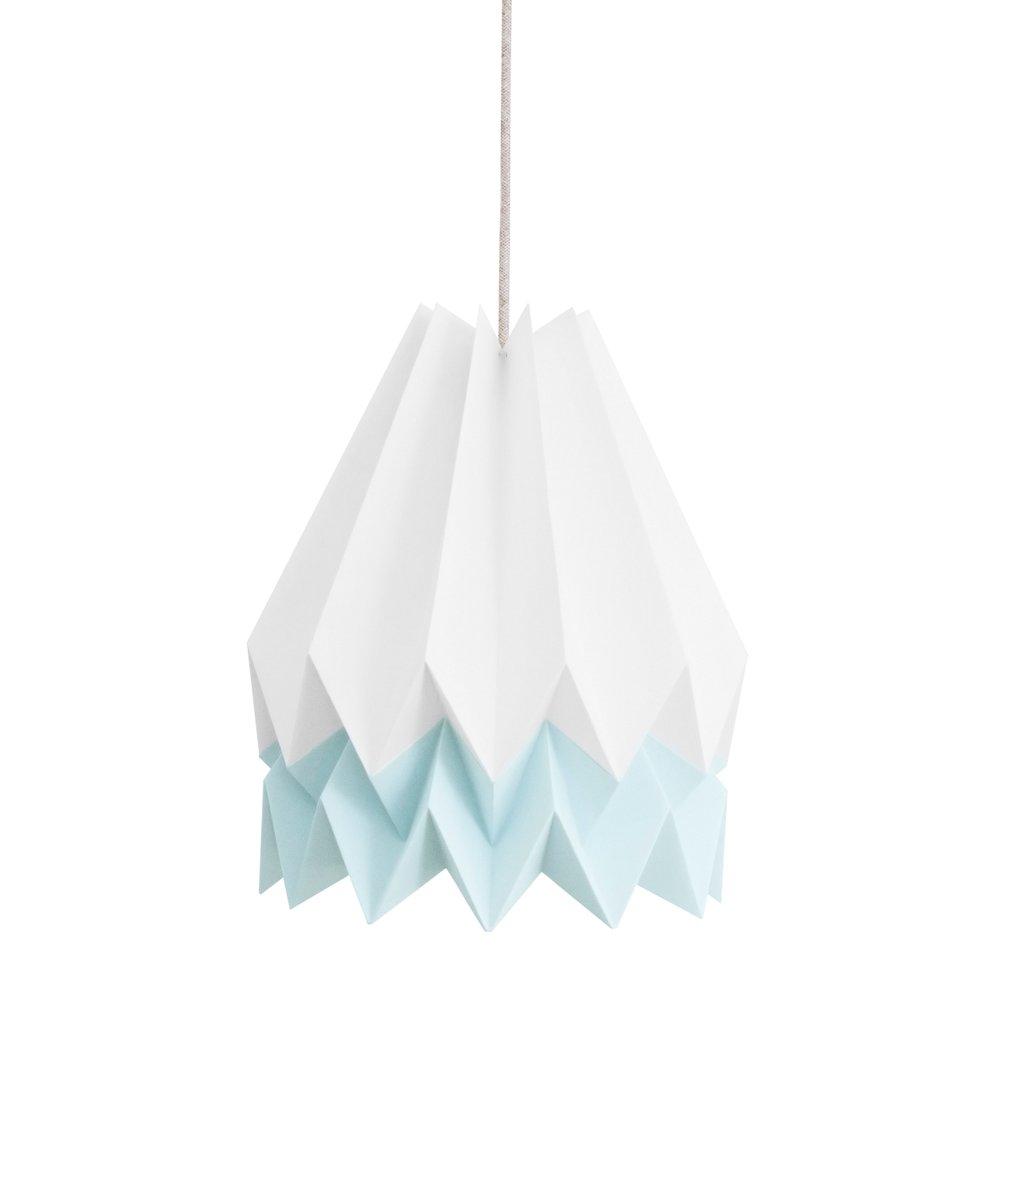 Origami Lampenschirm in Weiß & Blau von Orikomi